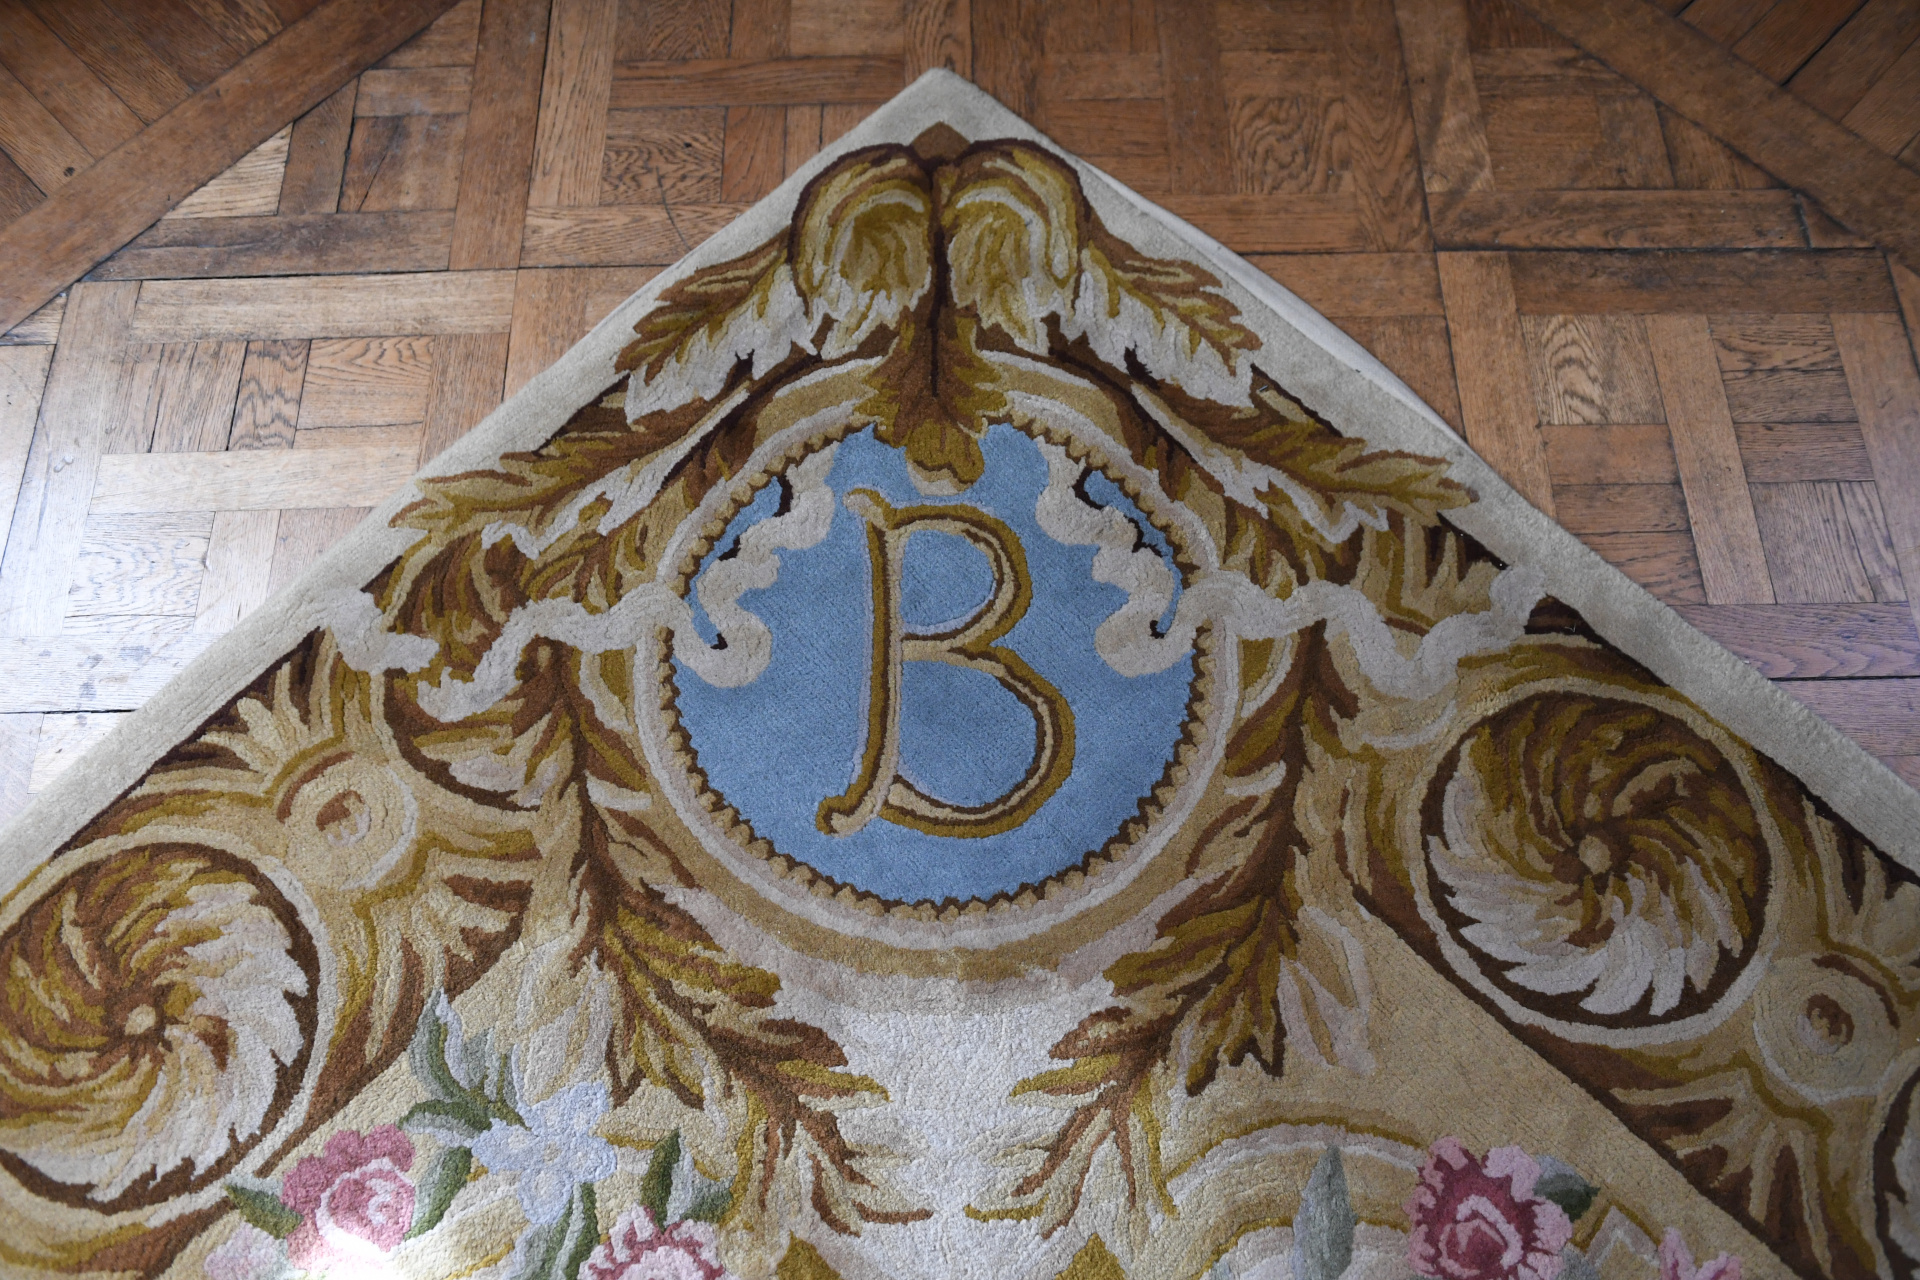 Las alfombrasdispuestas en los espacios están bordadas con las inicialesB, un homenaje a Bosch y también a Bliss